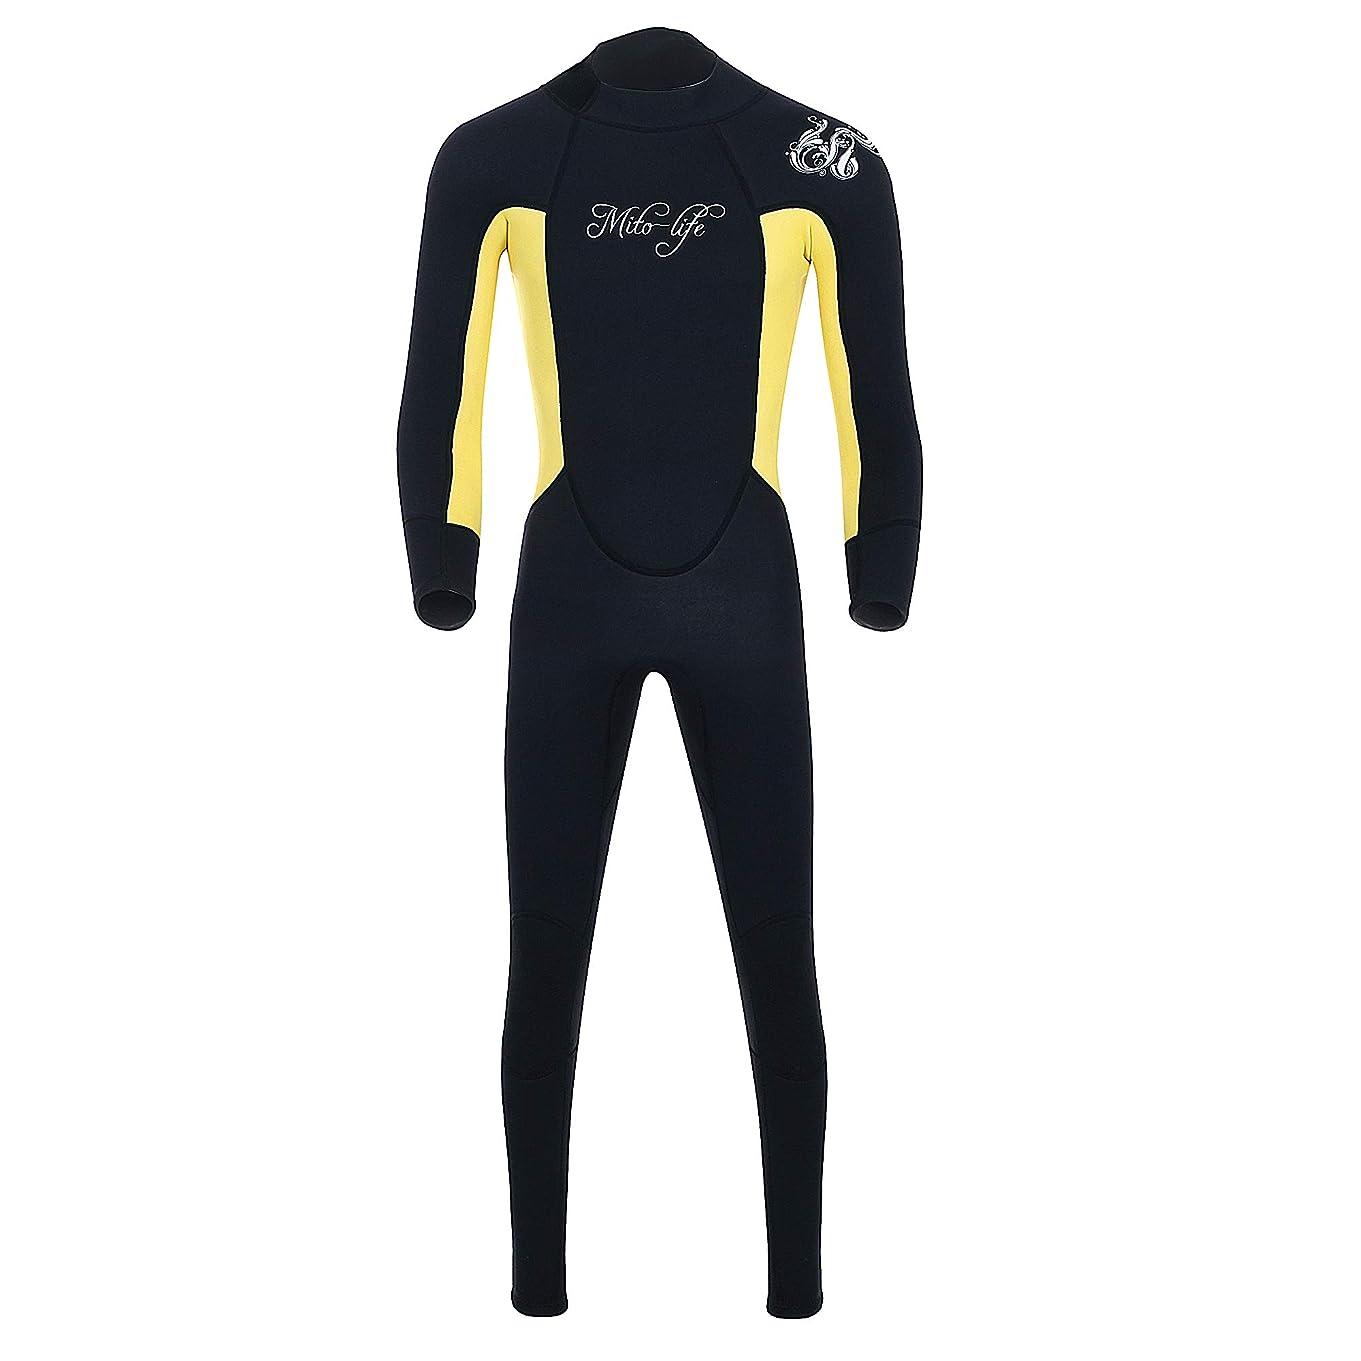 ポルティコカテナコンペウェットスーツ 3mm サーフィン ウェットスーツ ロングスリーブ ダイビング サーフィン 連体長袖 防寒保温 連体 フルスーツ